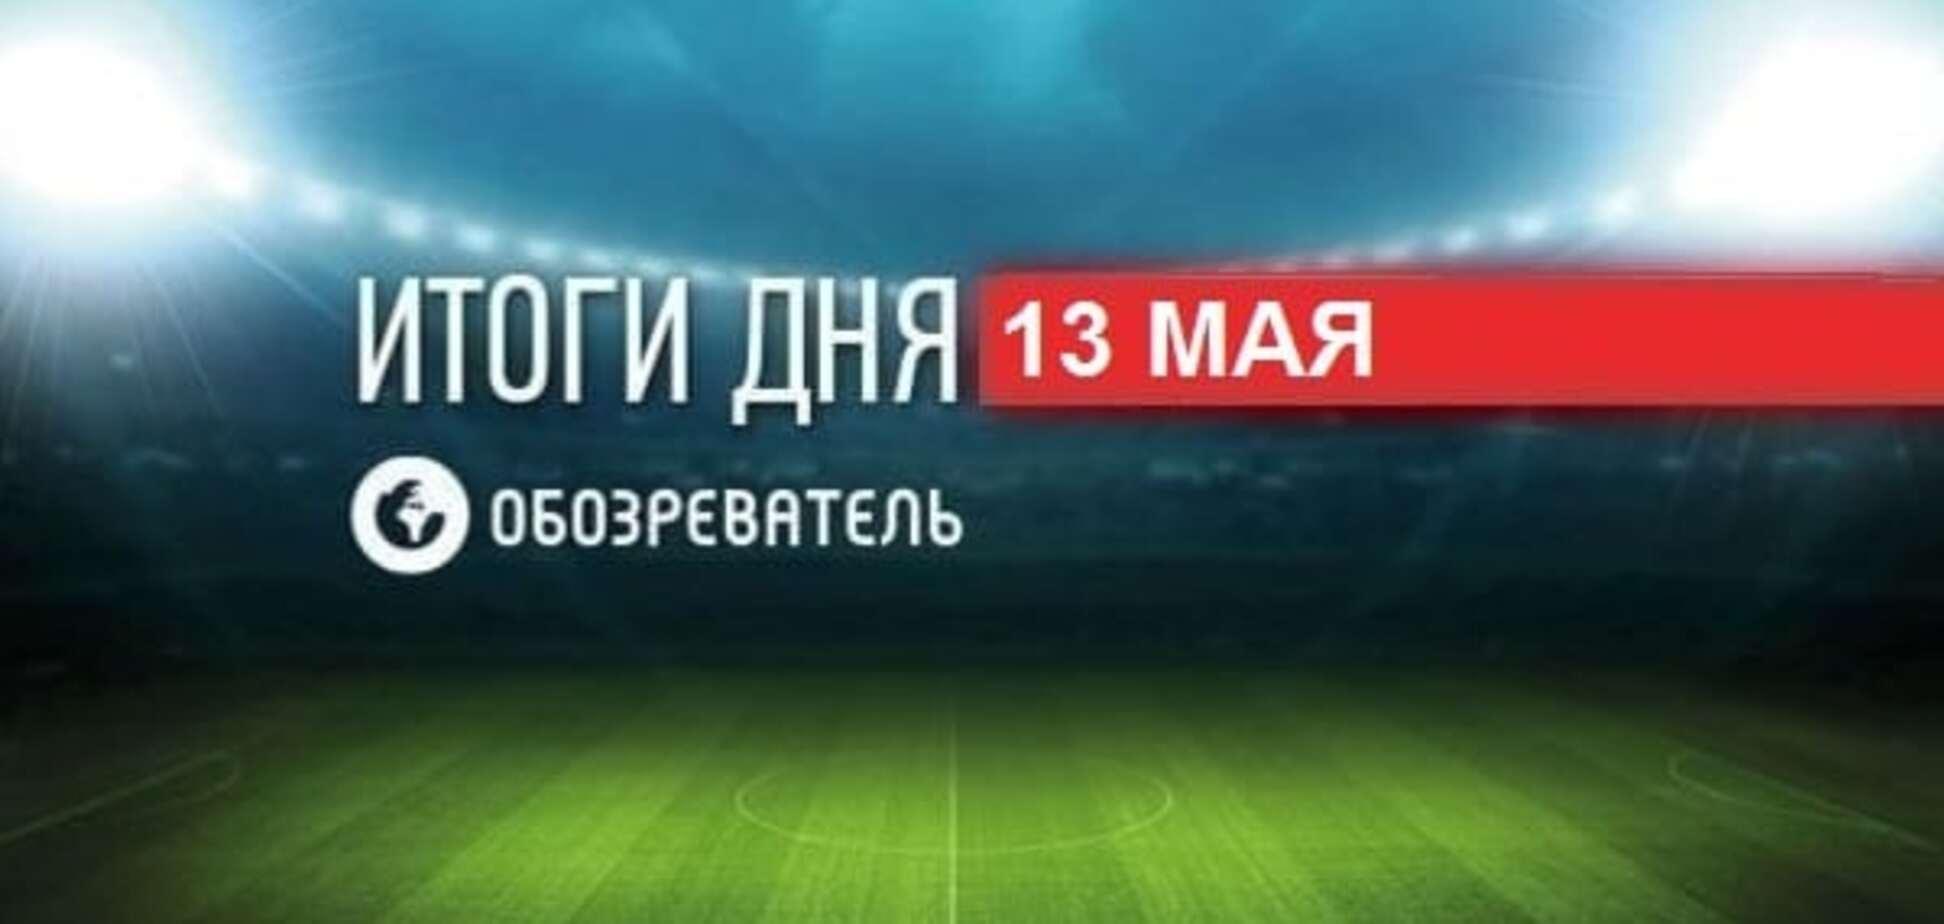 'Динамо' зробило сенсаційний трансфер, ФІФА 'наплювала' на Росію. Спортивні підсумки за 13 травня